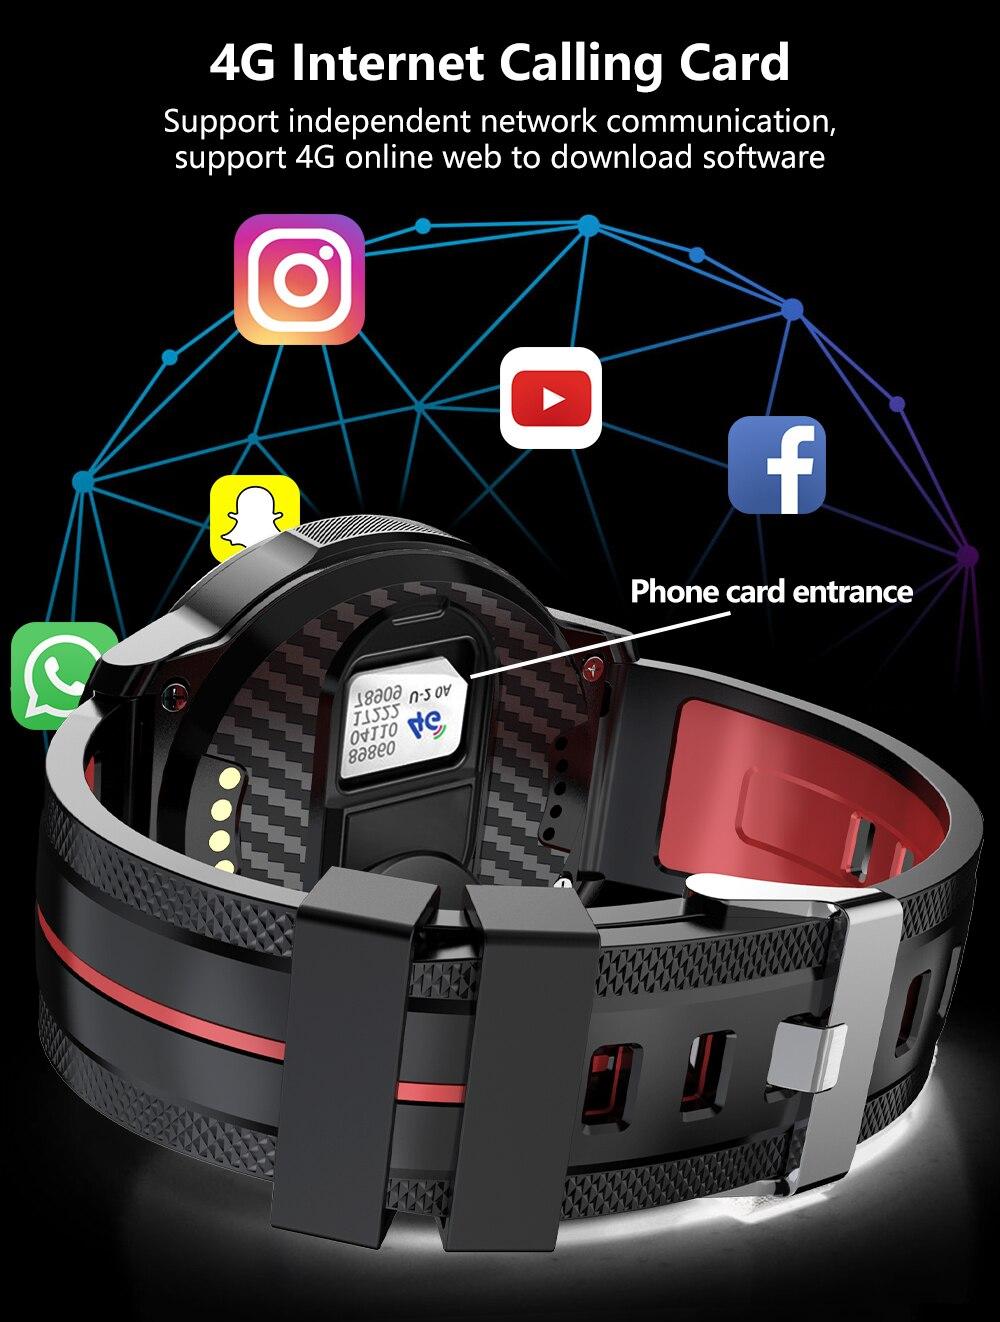 Montre intelligente 4G Android double caméra AI visage déverrouille